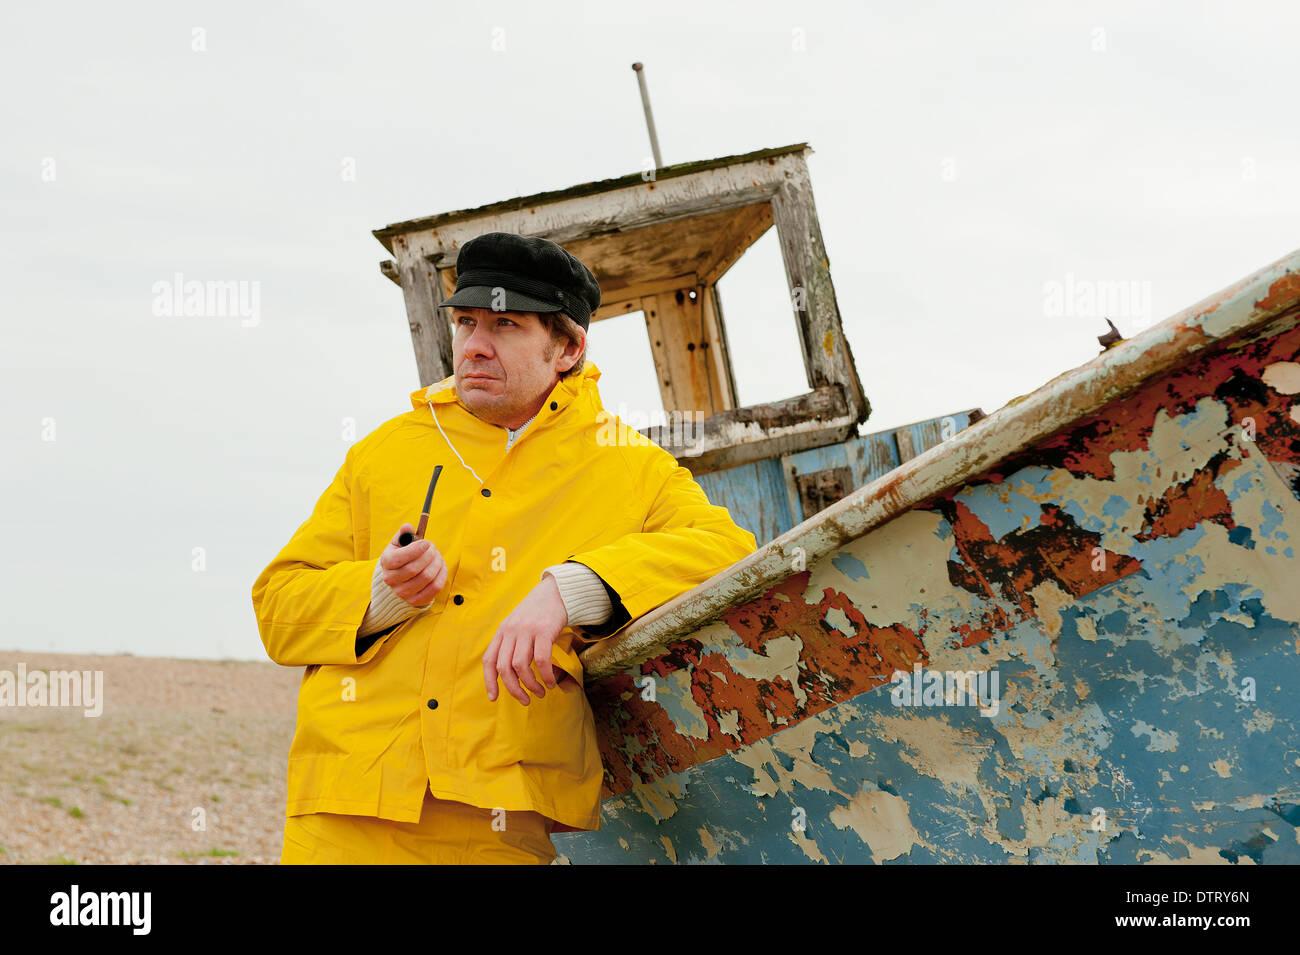 Pescatore in giallo impermeabilizza appoggiata contro una vecchia barca da pesca e fumare una tubazione. Immagini Stock